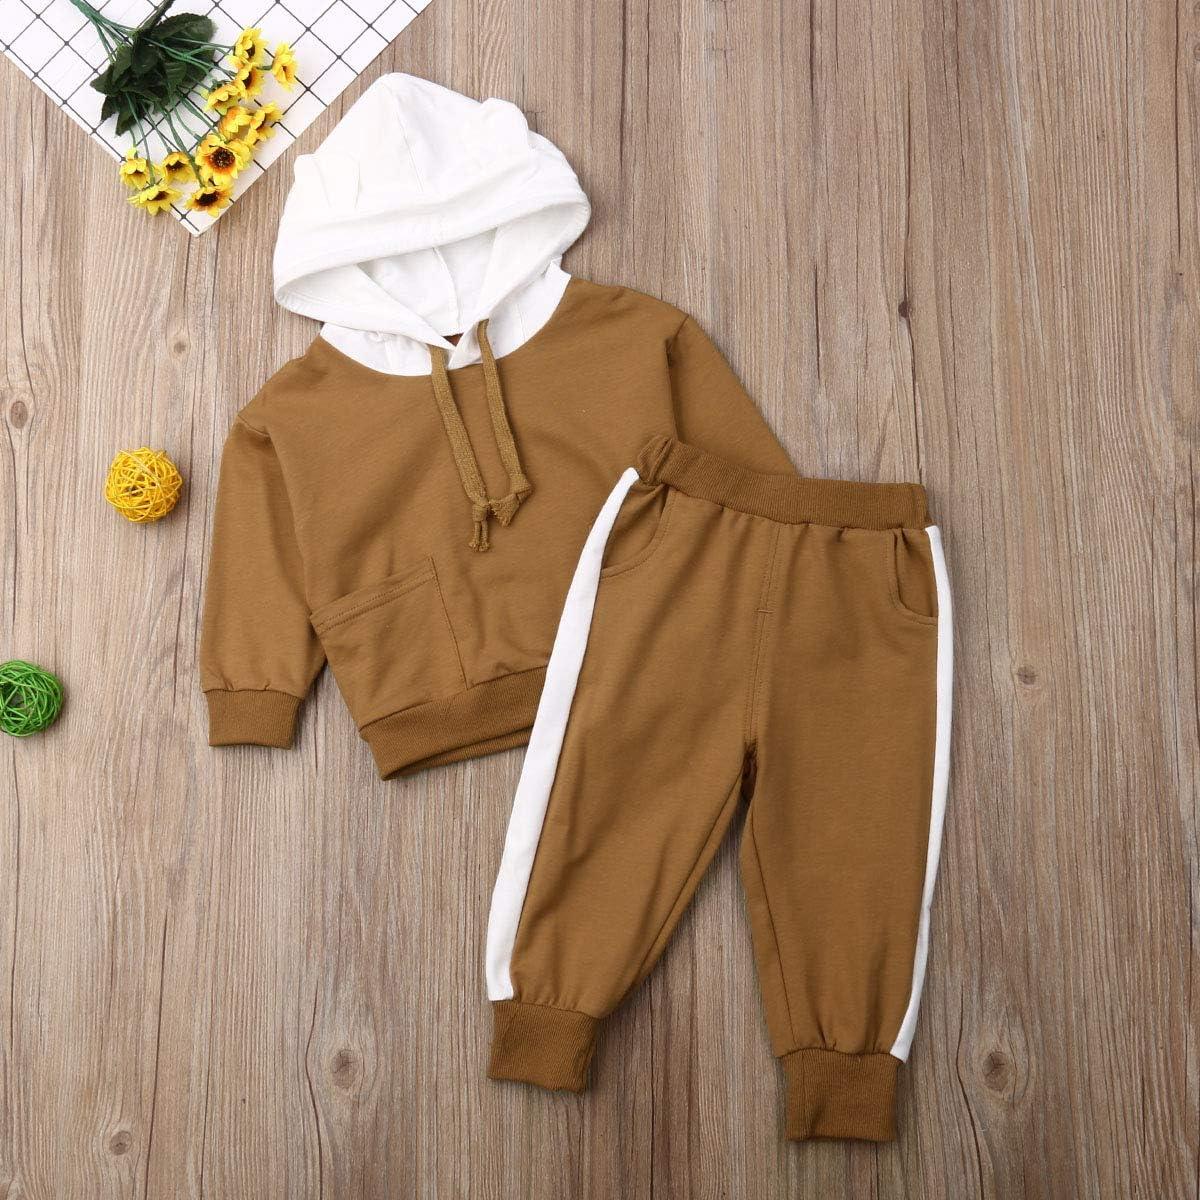 Geagodelia Lot de 2 bodies mignons sweat-shirts /à capuche pantalon automne//hiver manches l/éopard